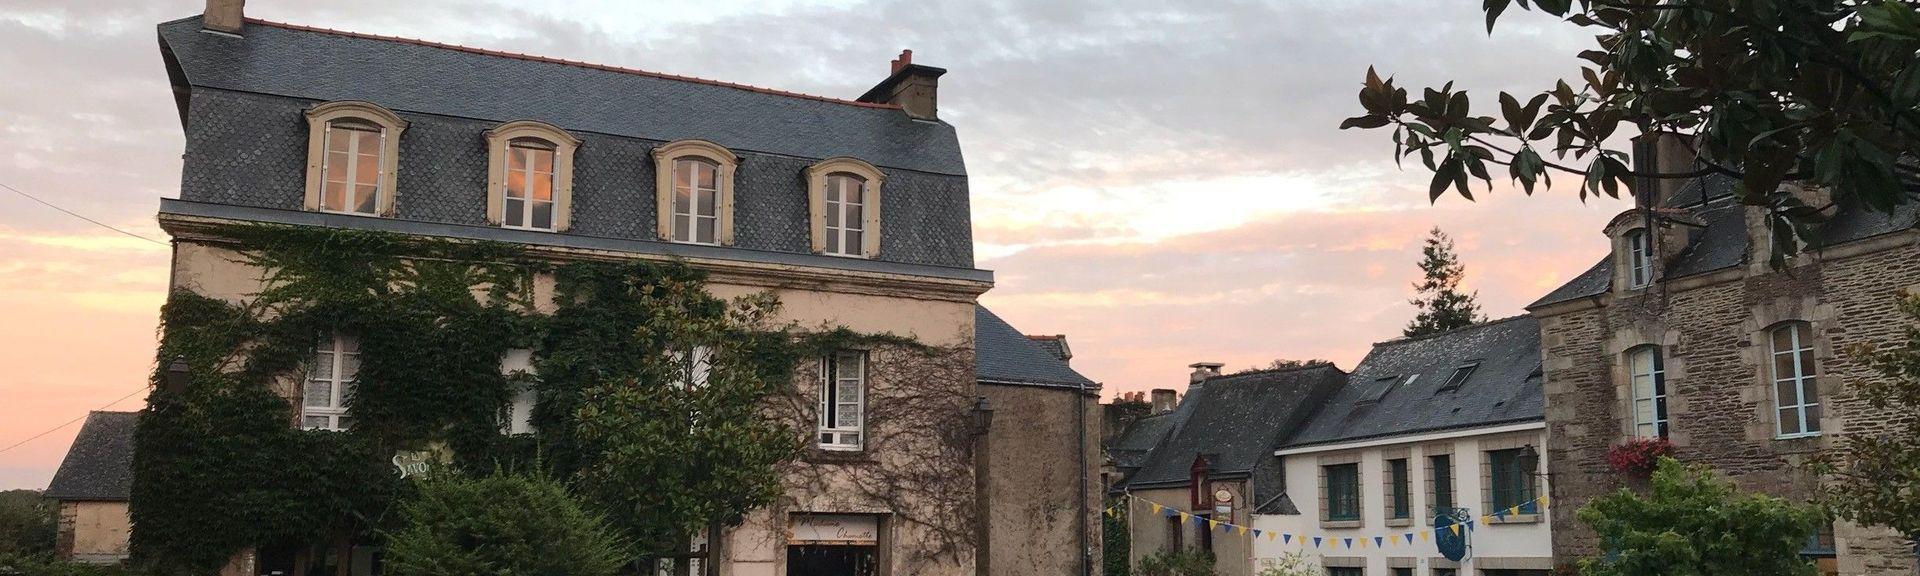 Rochefort-en-Terre Chateau, Rochefort-en-Terre, Morbihan, France